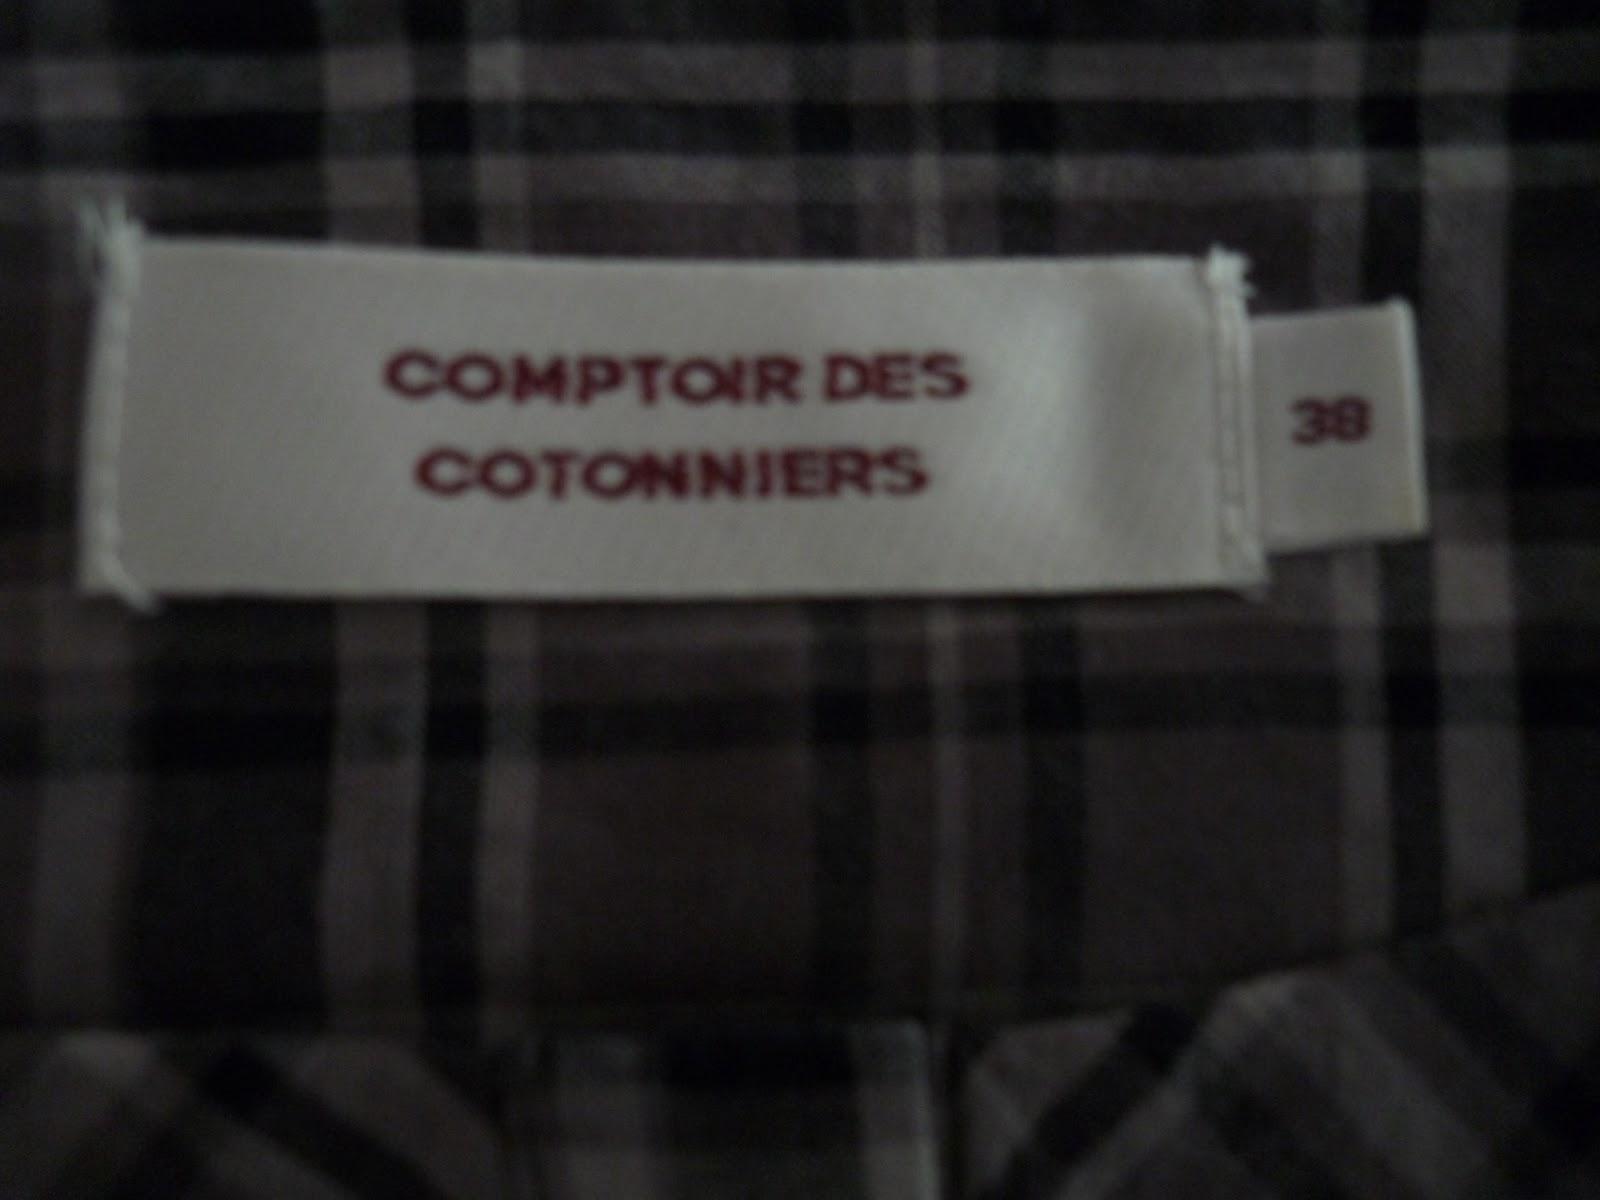 Jo cle vident leur placard haut comptoir des cotonniers - Comment taille comptoir des cotonniers ...